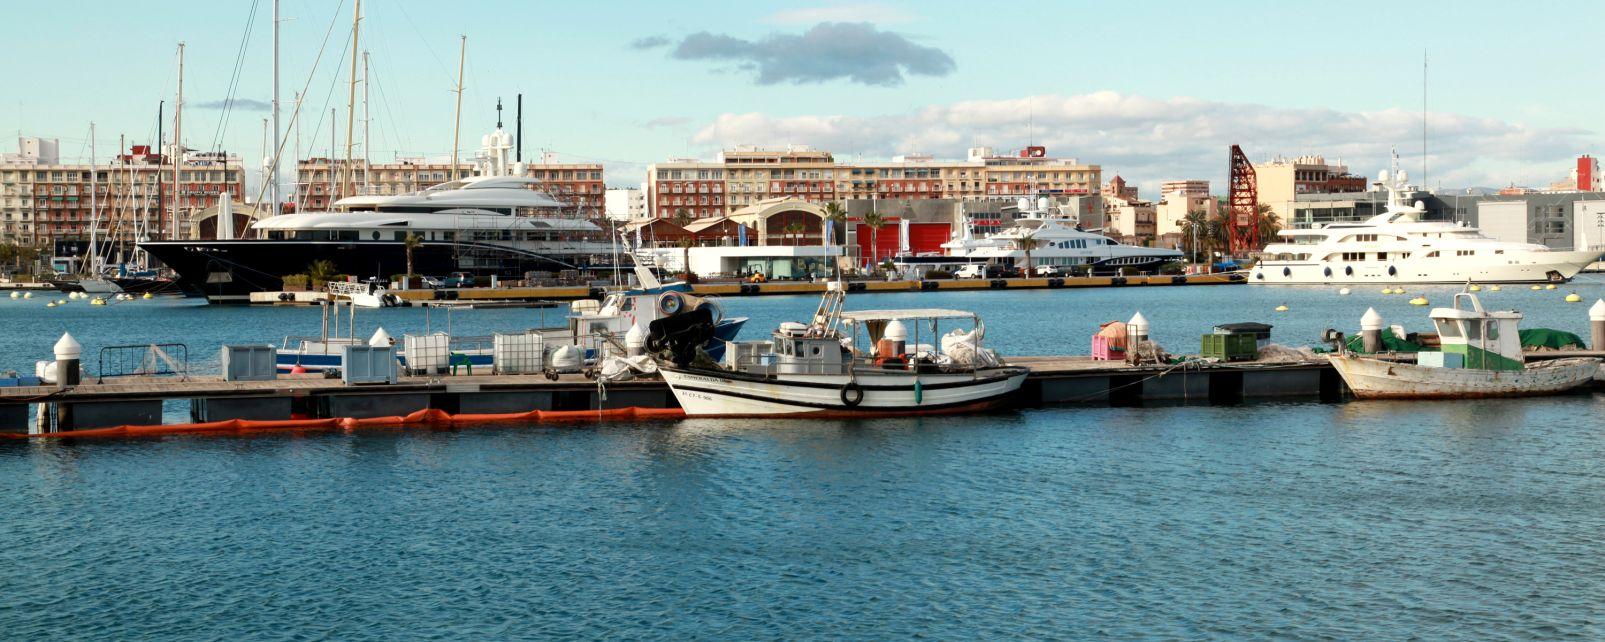 Marina Real Juan Carlos I, La marina Real Juan Carlos I, Die Landschaften und Aktivitäten, Gemeinschaft Valencia